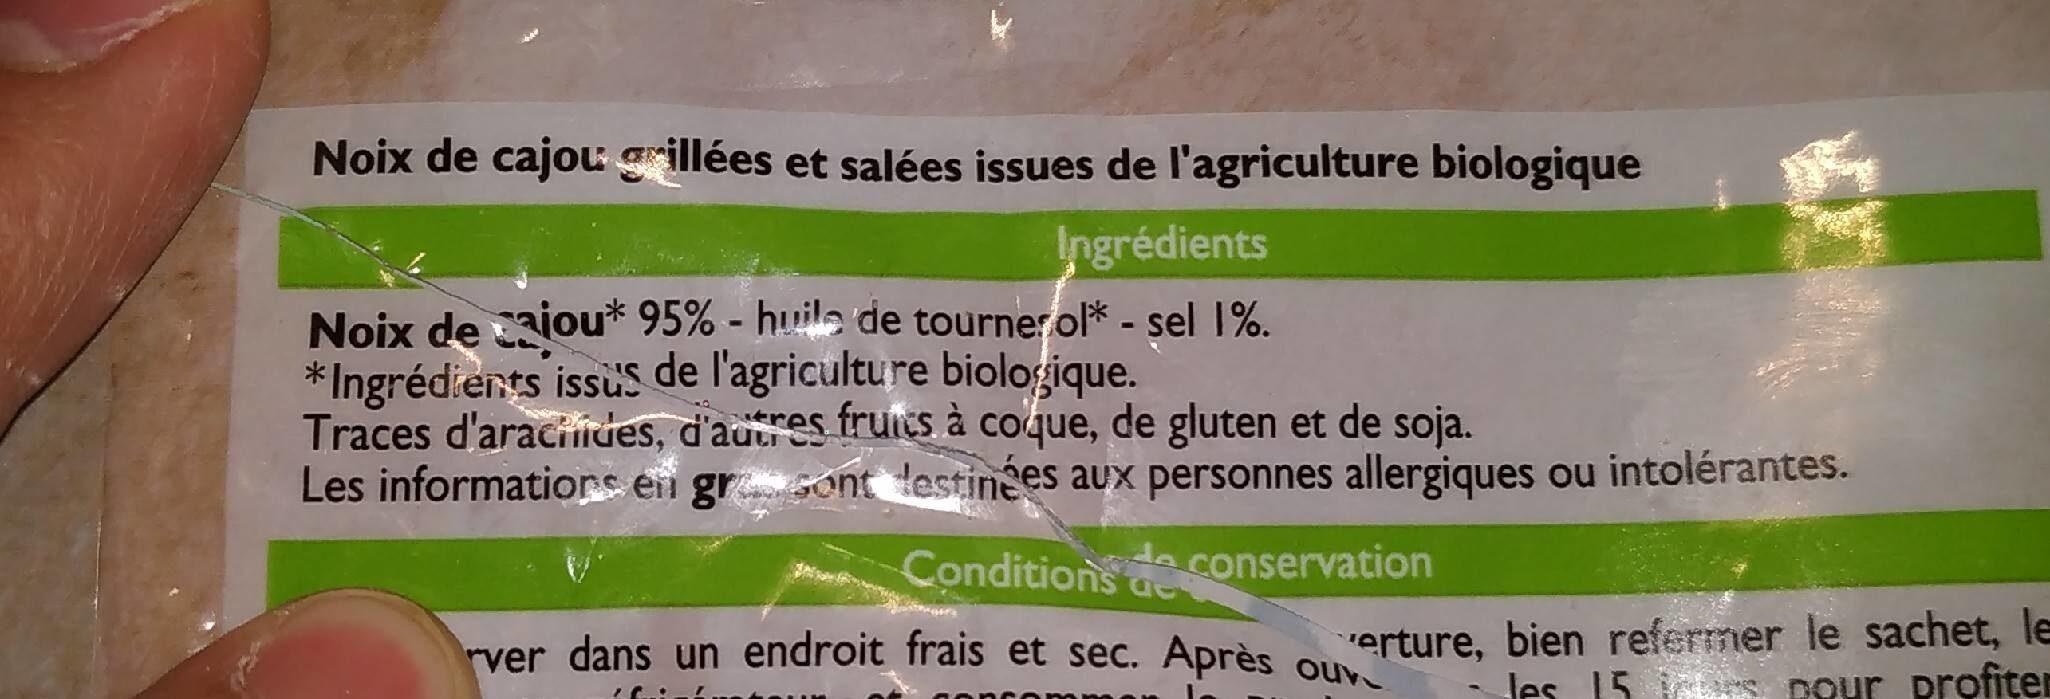 Noix de cajou - Ingrédients - fr